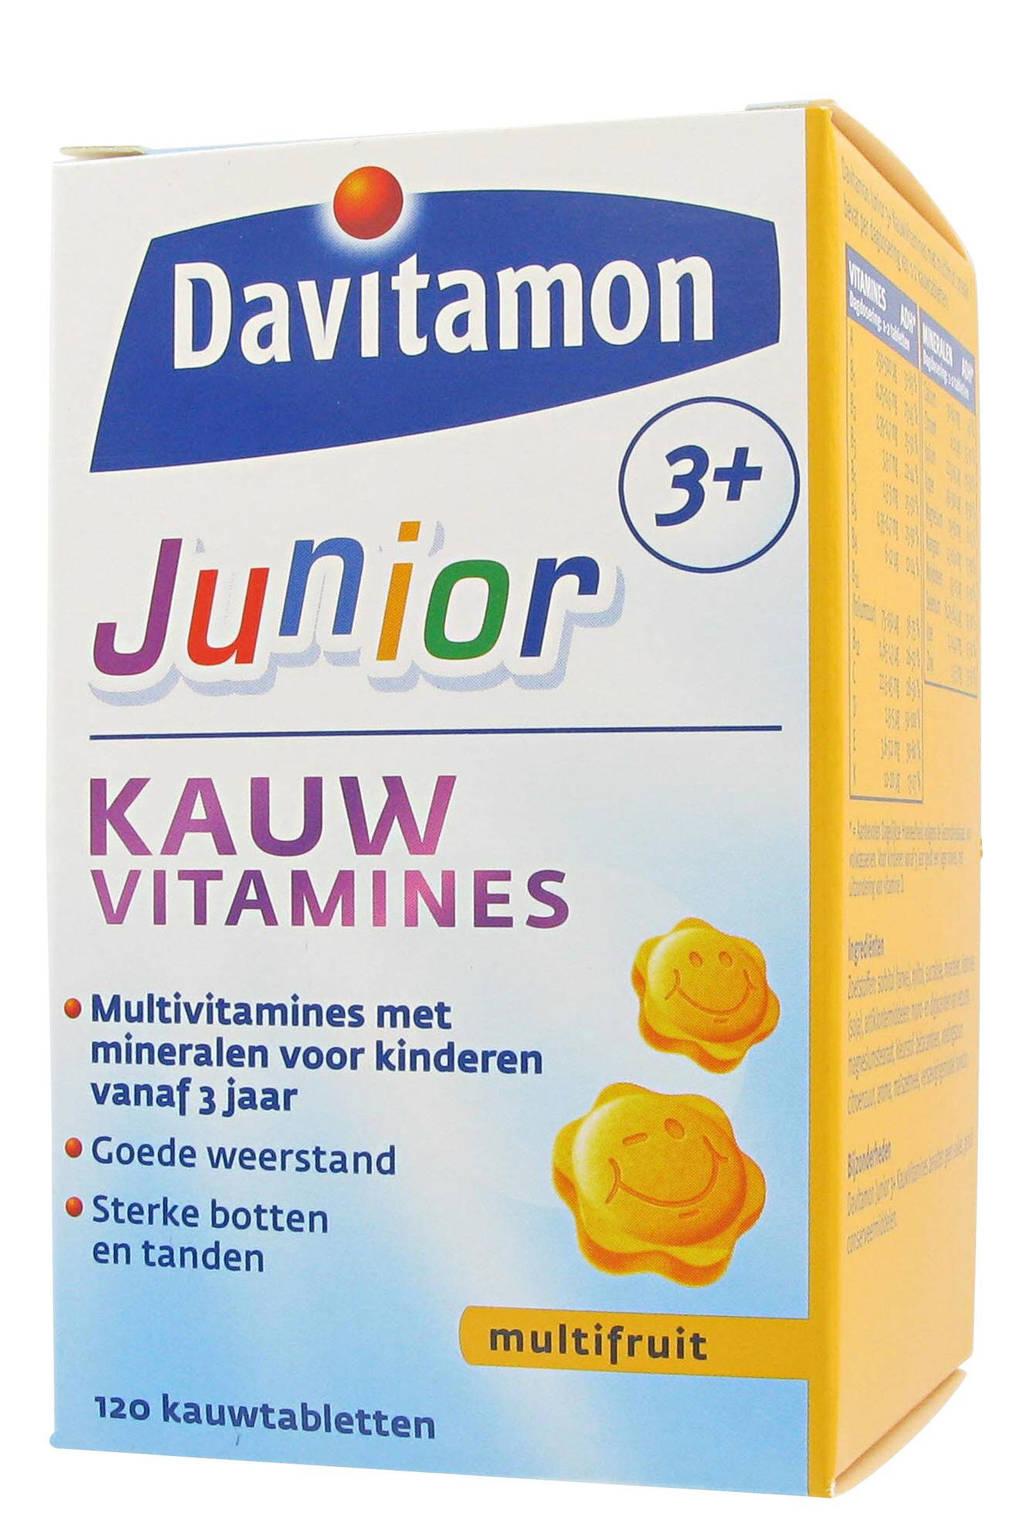 Davitamon Junior 3+ Multiftuit - 120 kauwtabletten